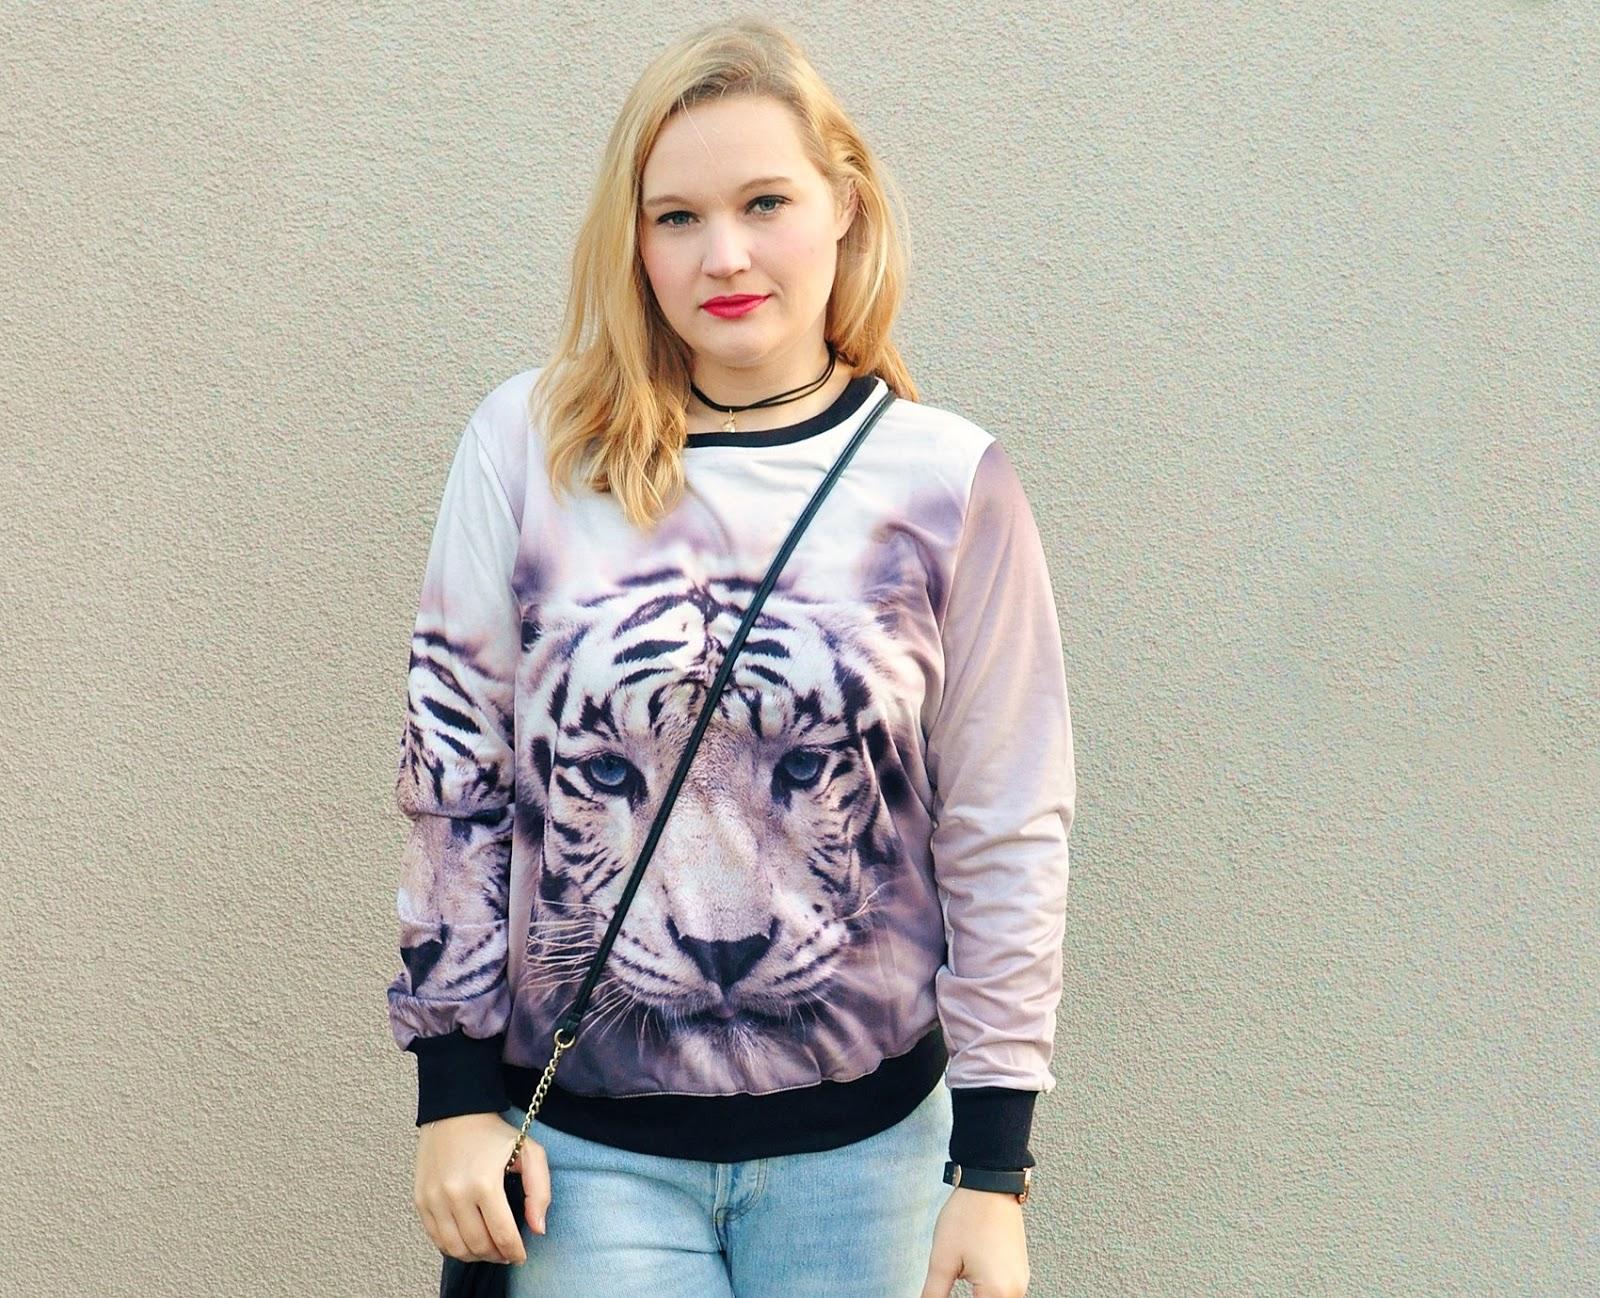 bluza-z-tygrysem_jak-nosić